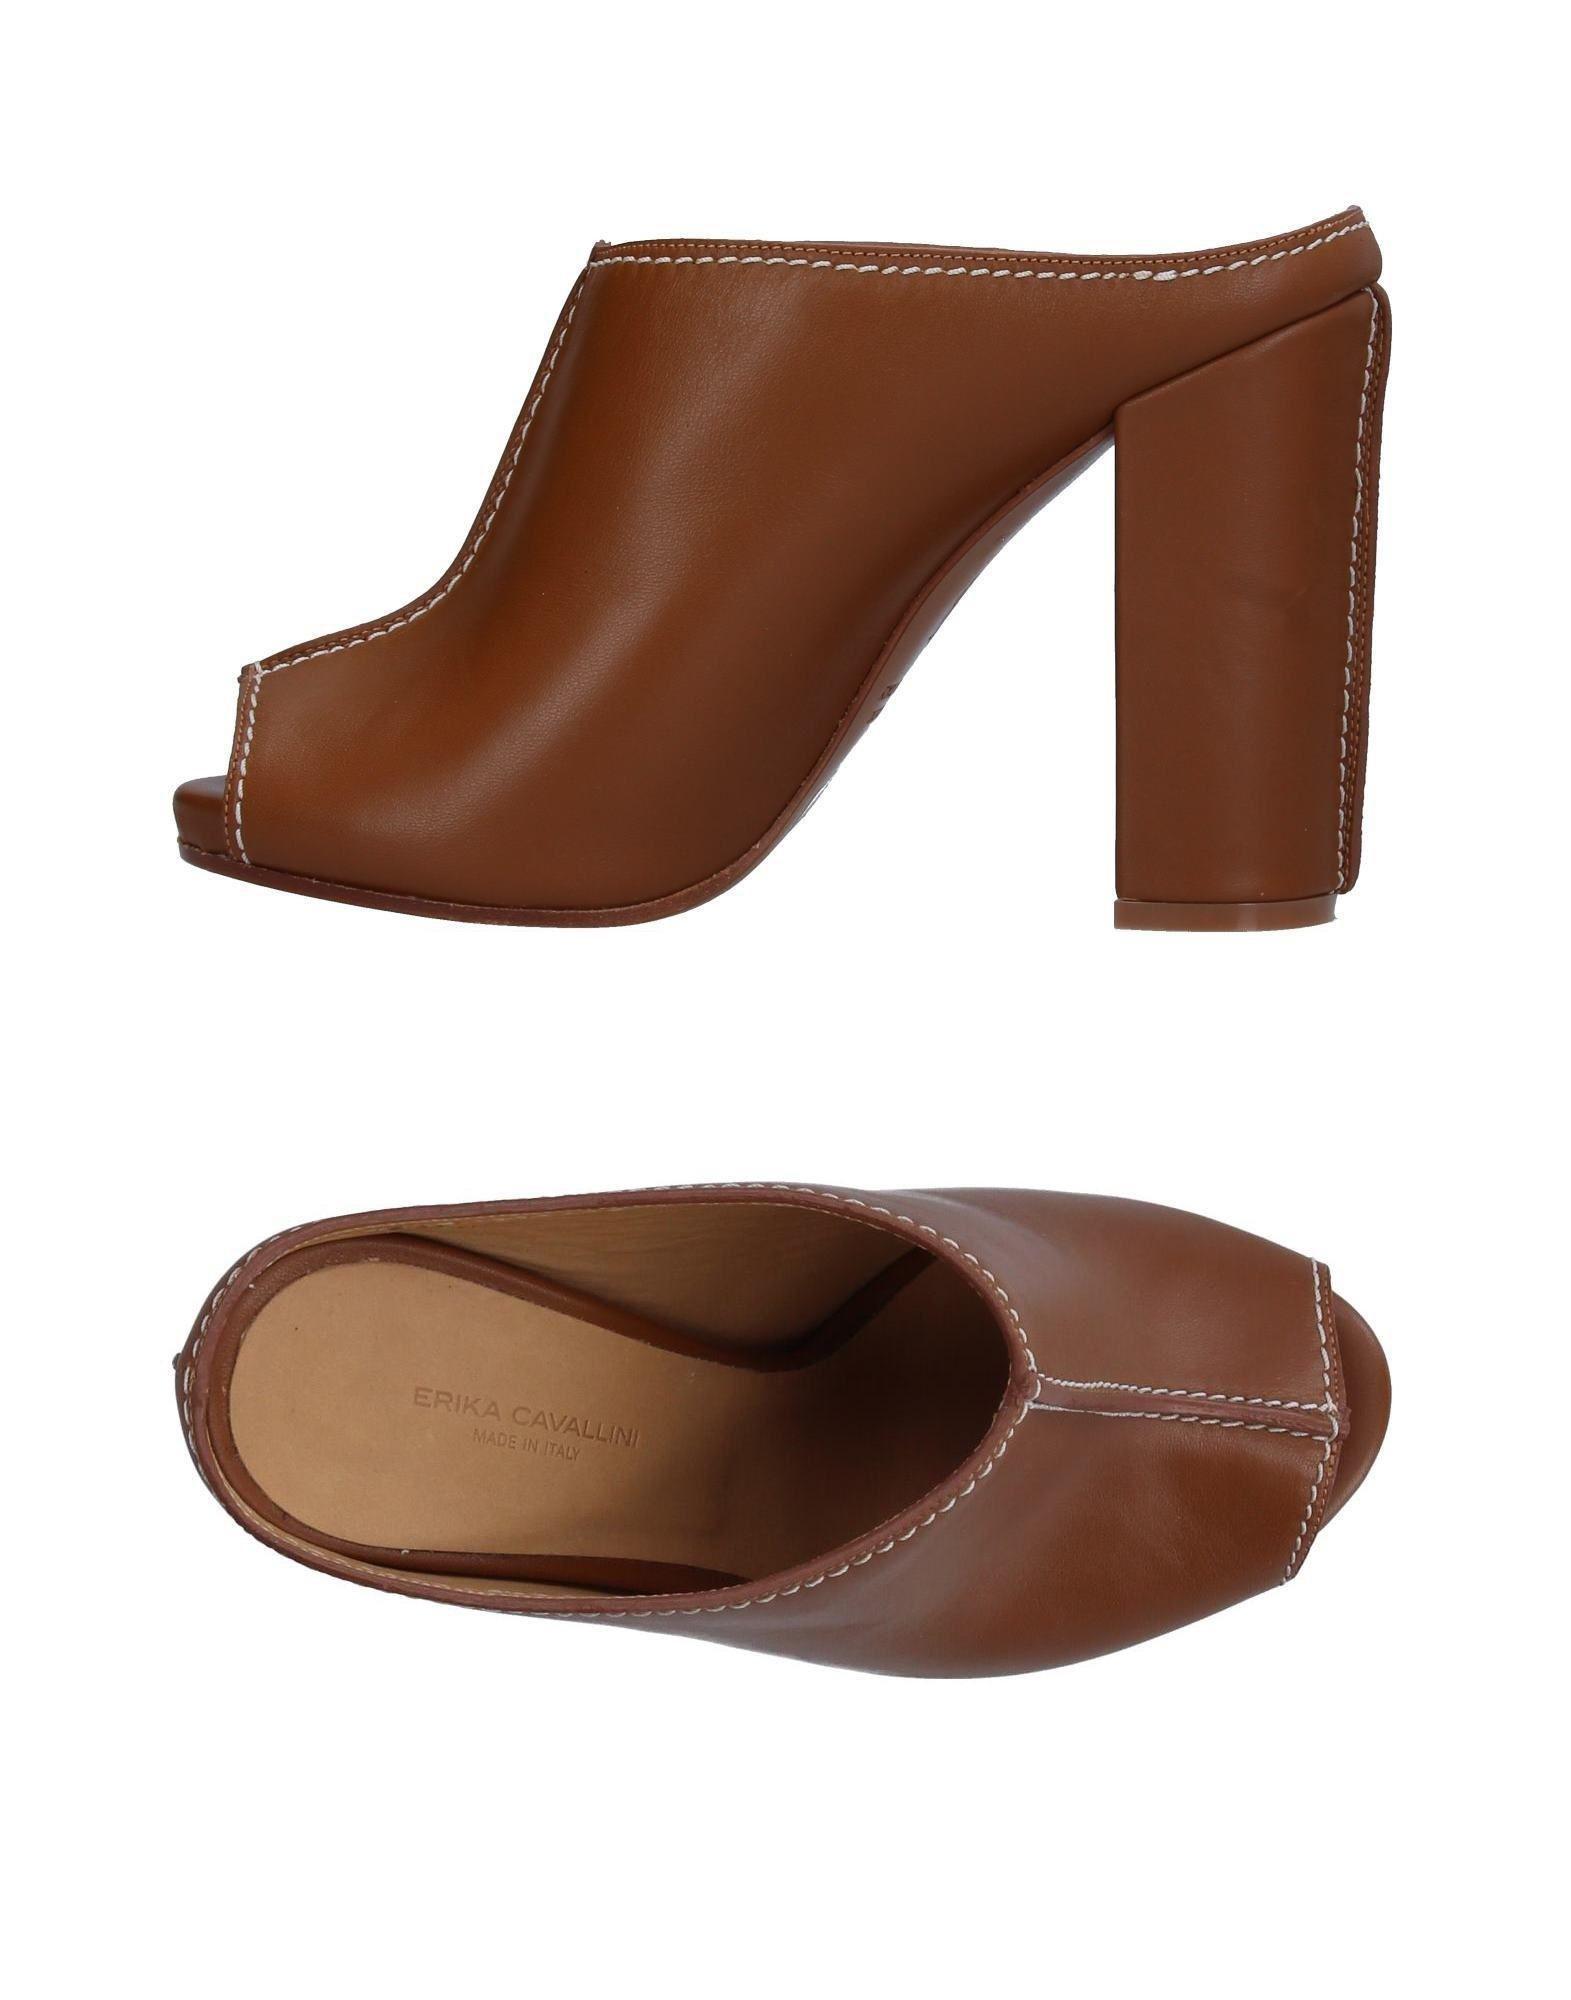 Chaussures - Mules Erika Cavallini Semi-couture dvBTvPoNb0